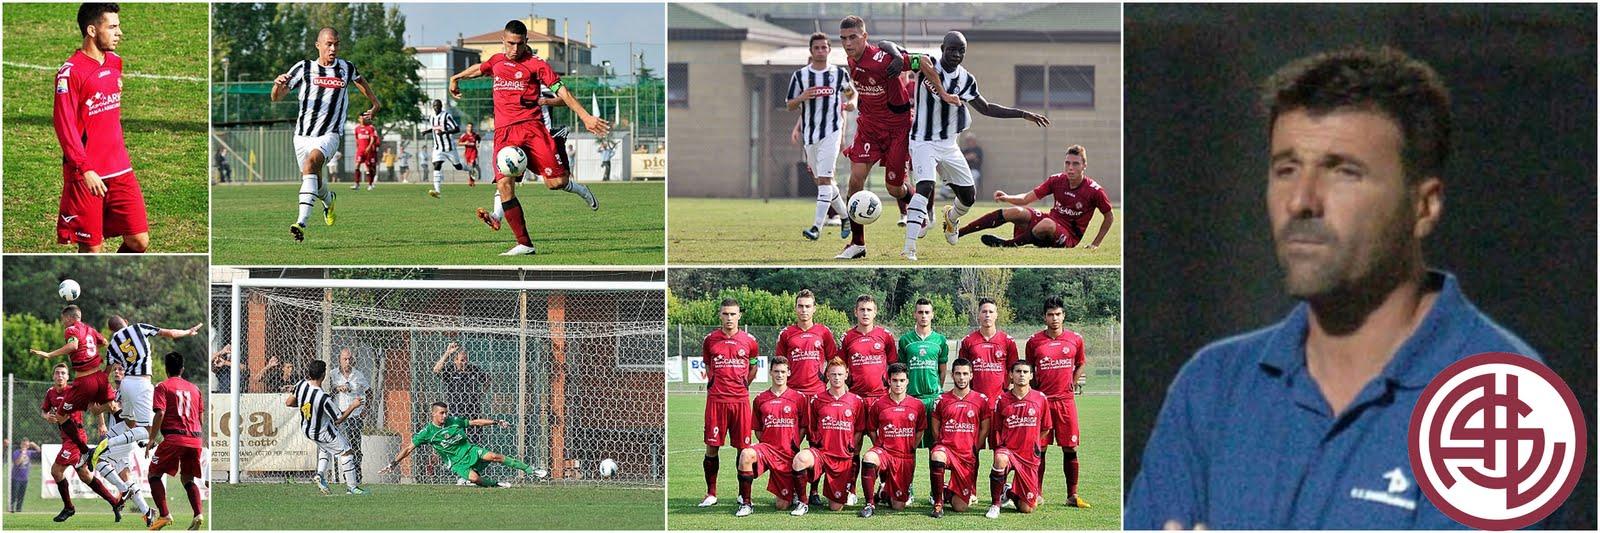 Livorno Calcio Settore Giovanile